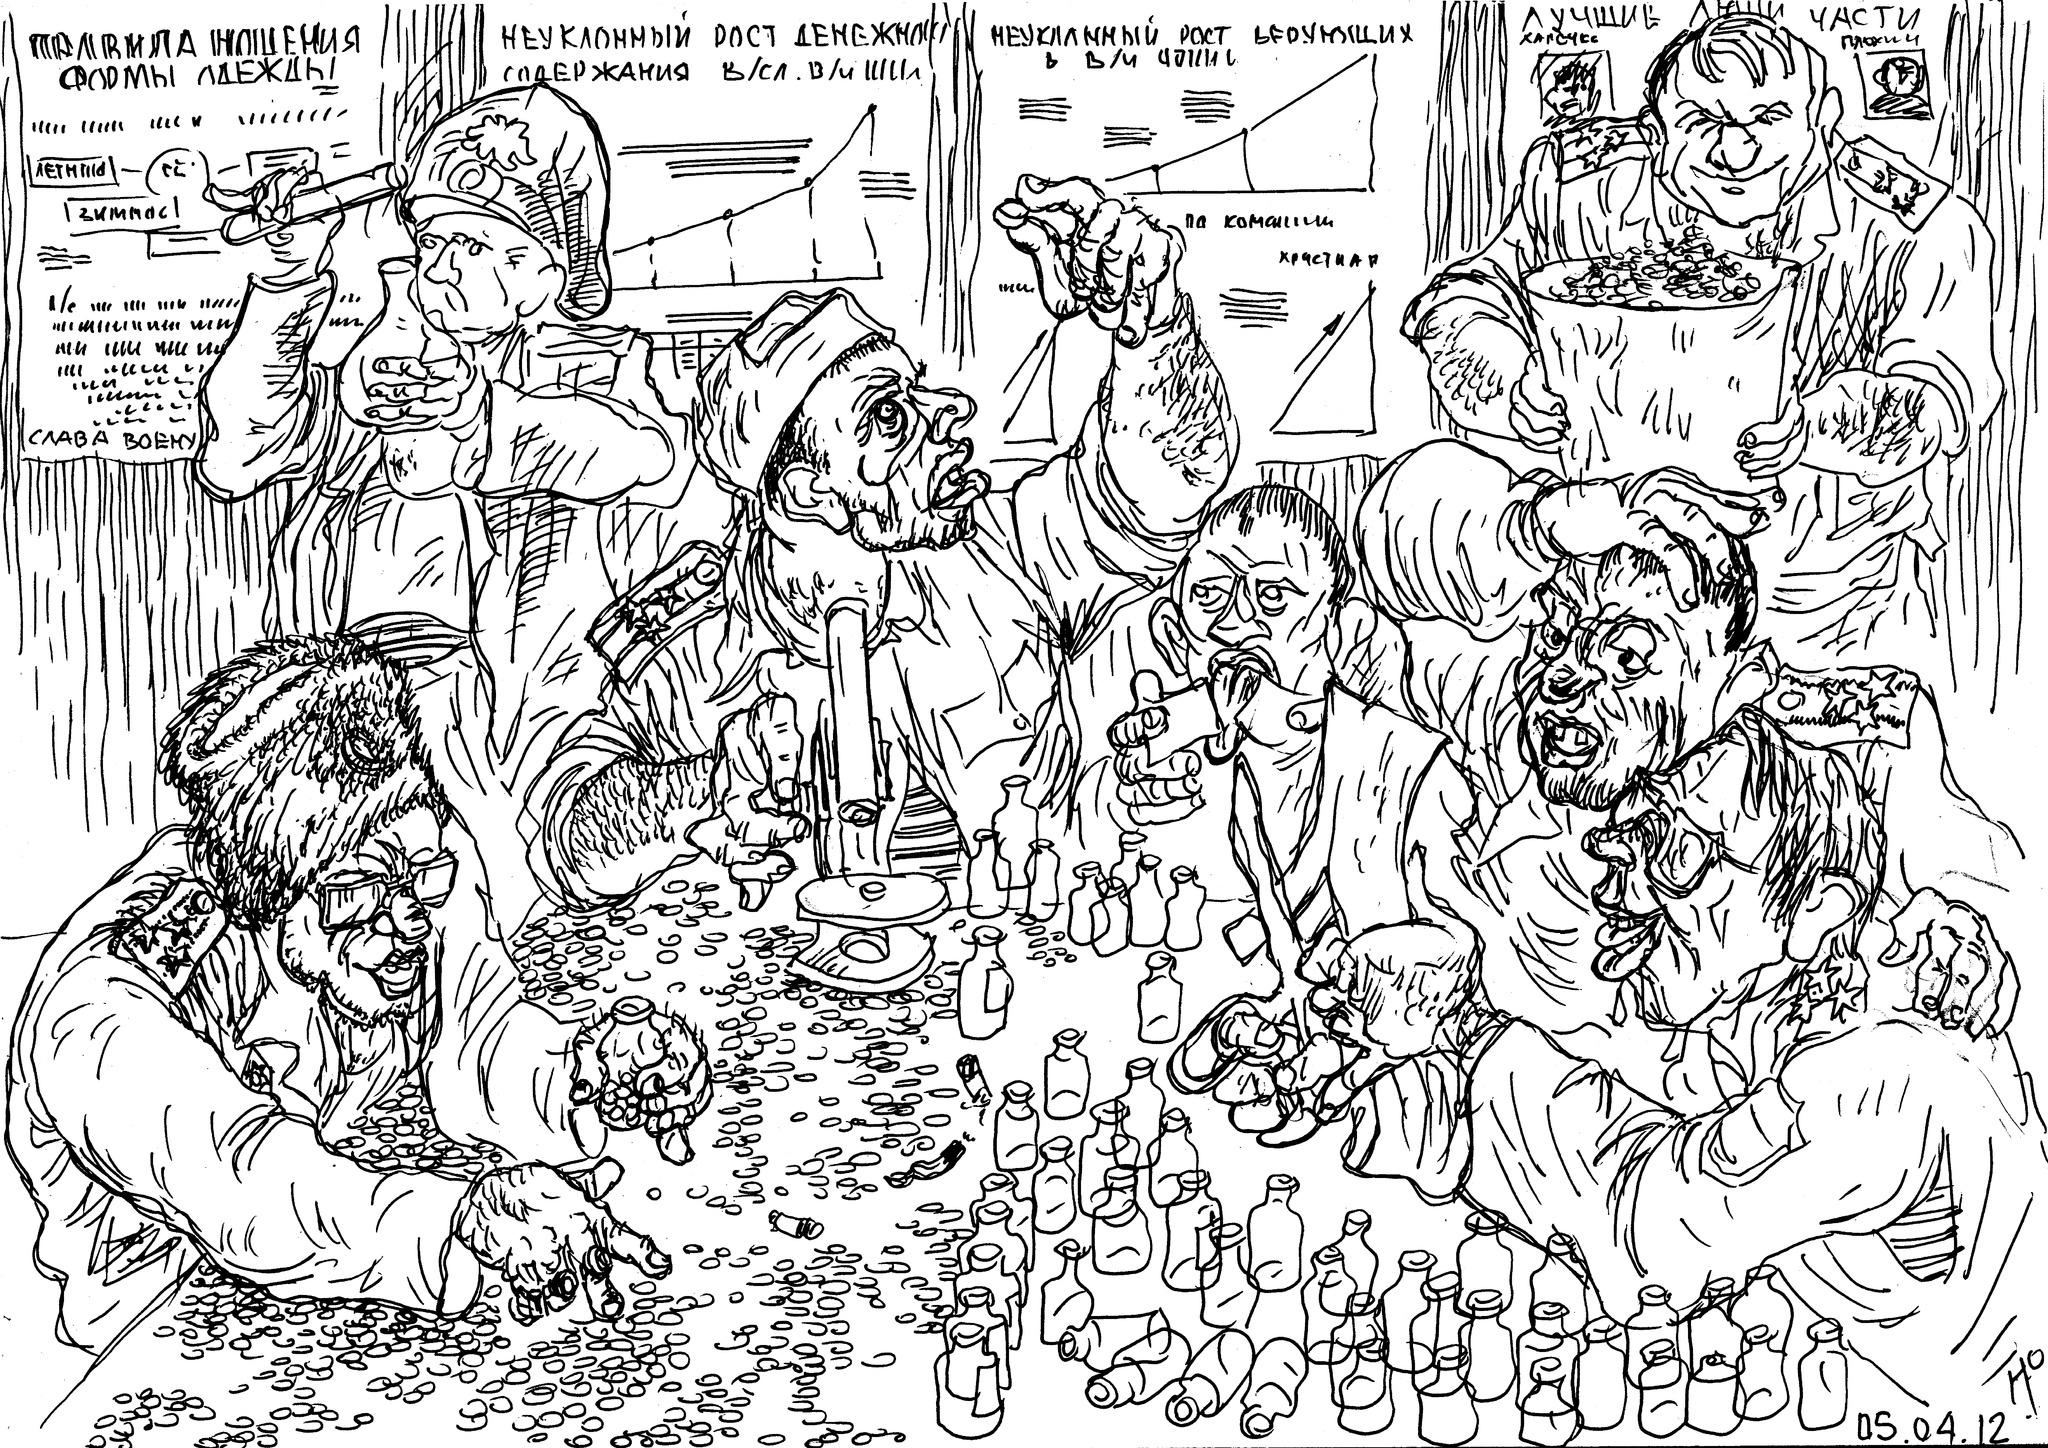 Военучёные-псевдоучёные занимаются очковтирательством, обманом, халтурой, «распиливанием гос.средств»